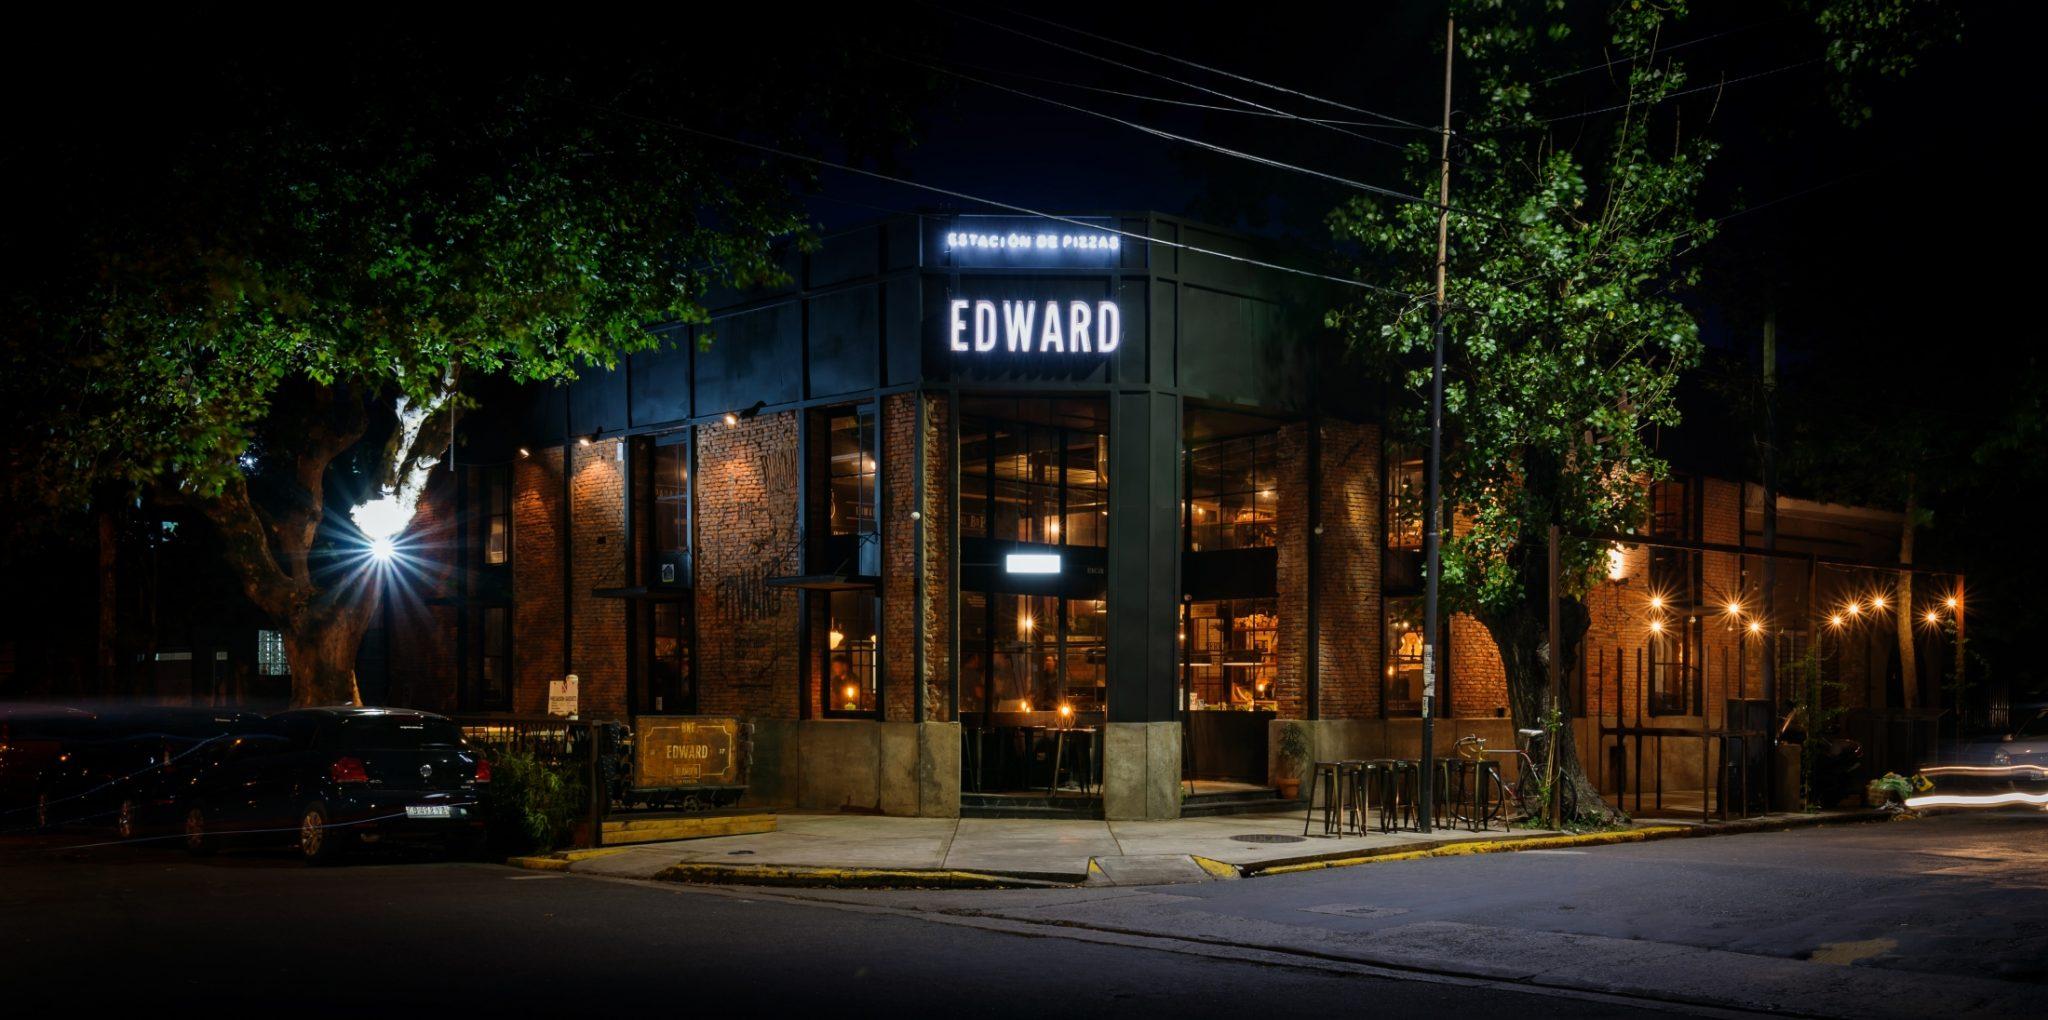 Edward Pizzería 24